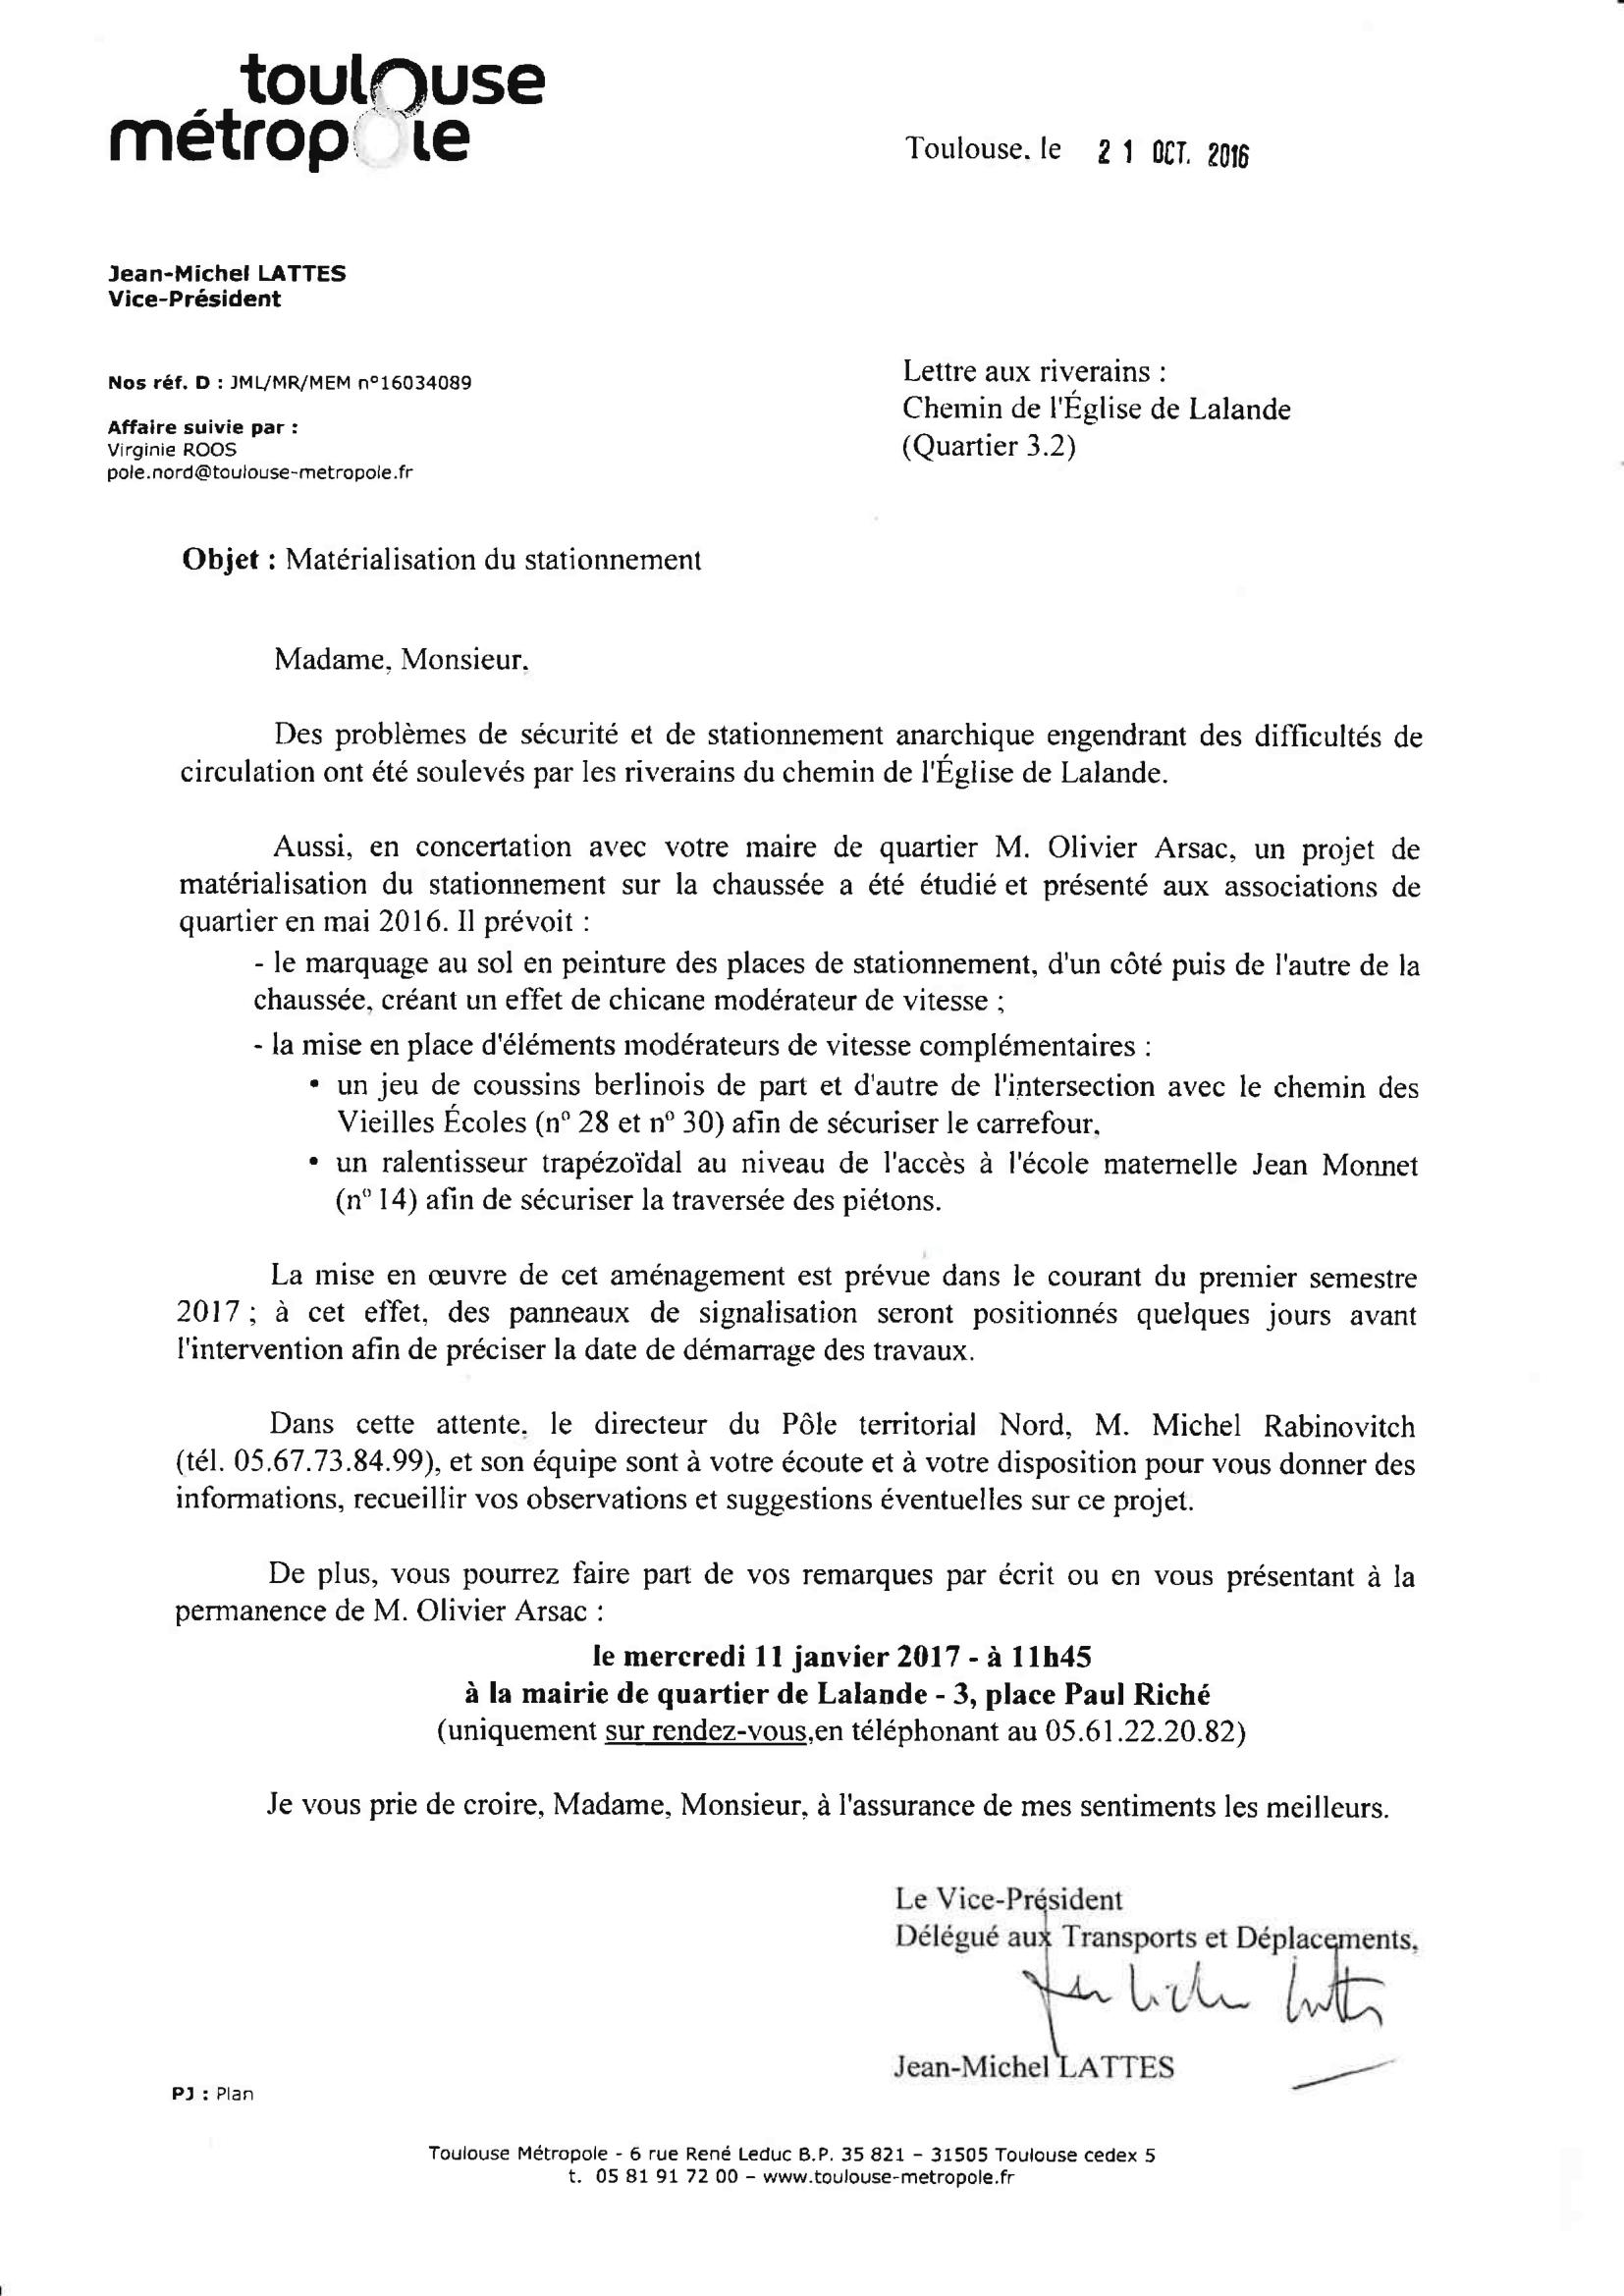 informations-riverains-chemin-de-leglise-de-lalande-1